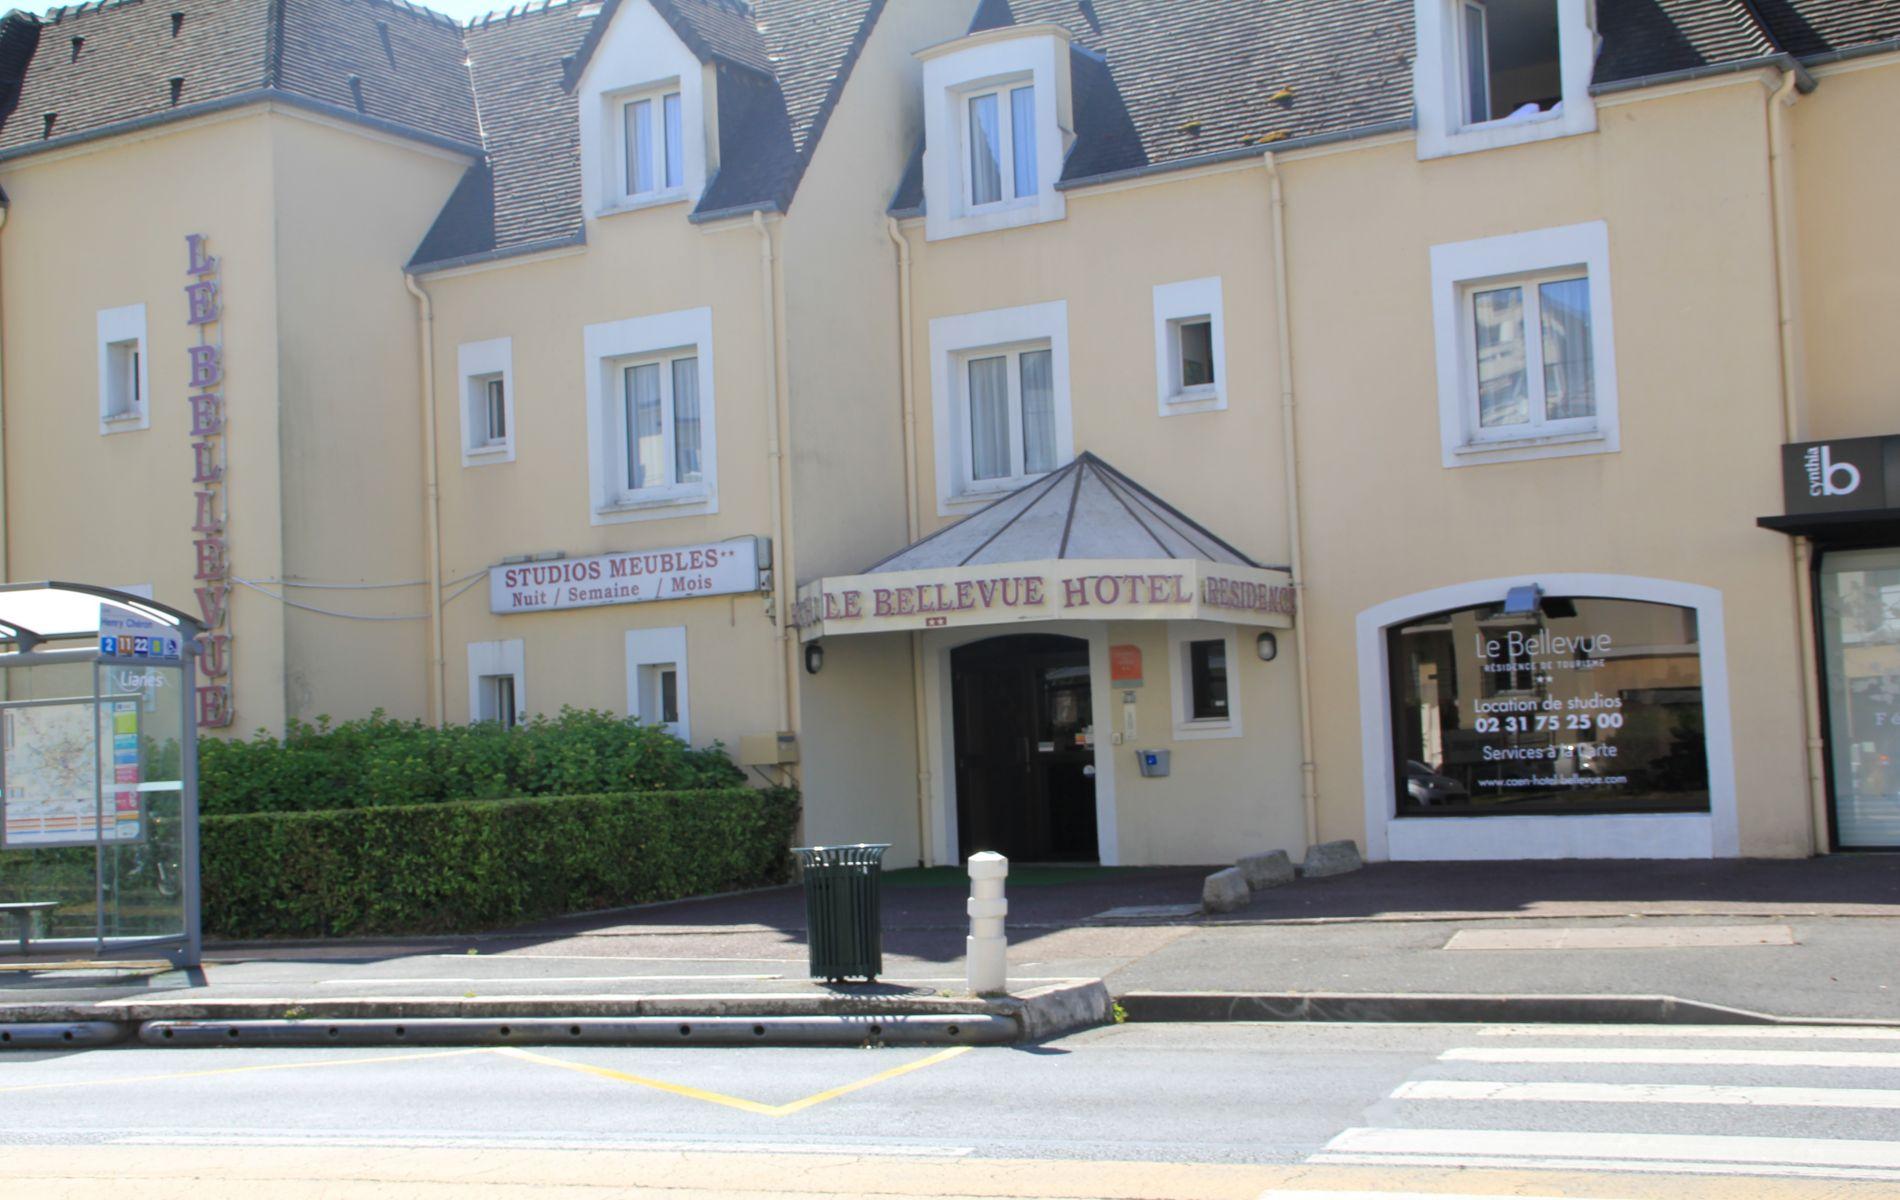 Appart Hotel Le Bellevue Caen - Hotel en Normandie